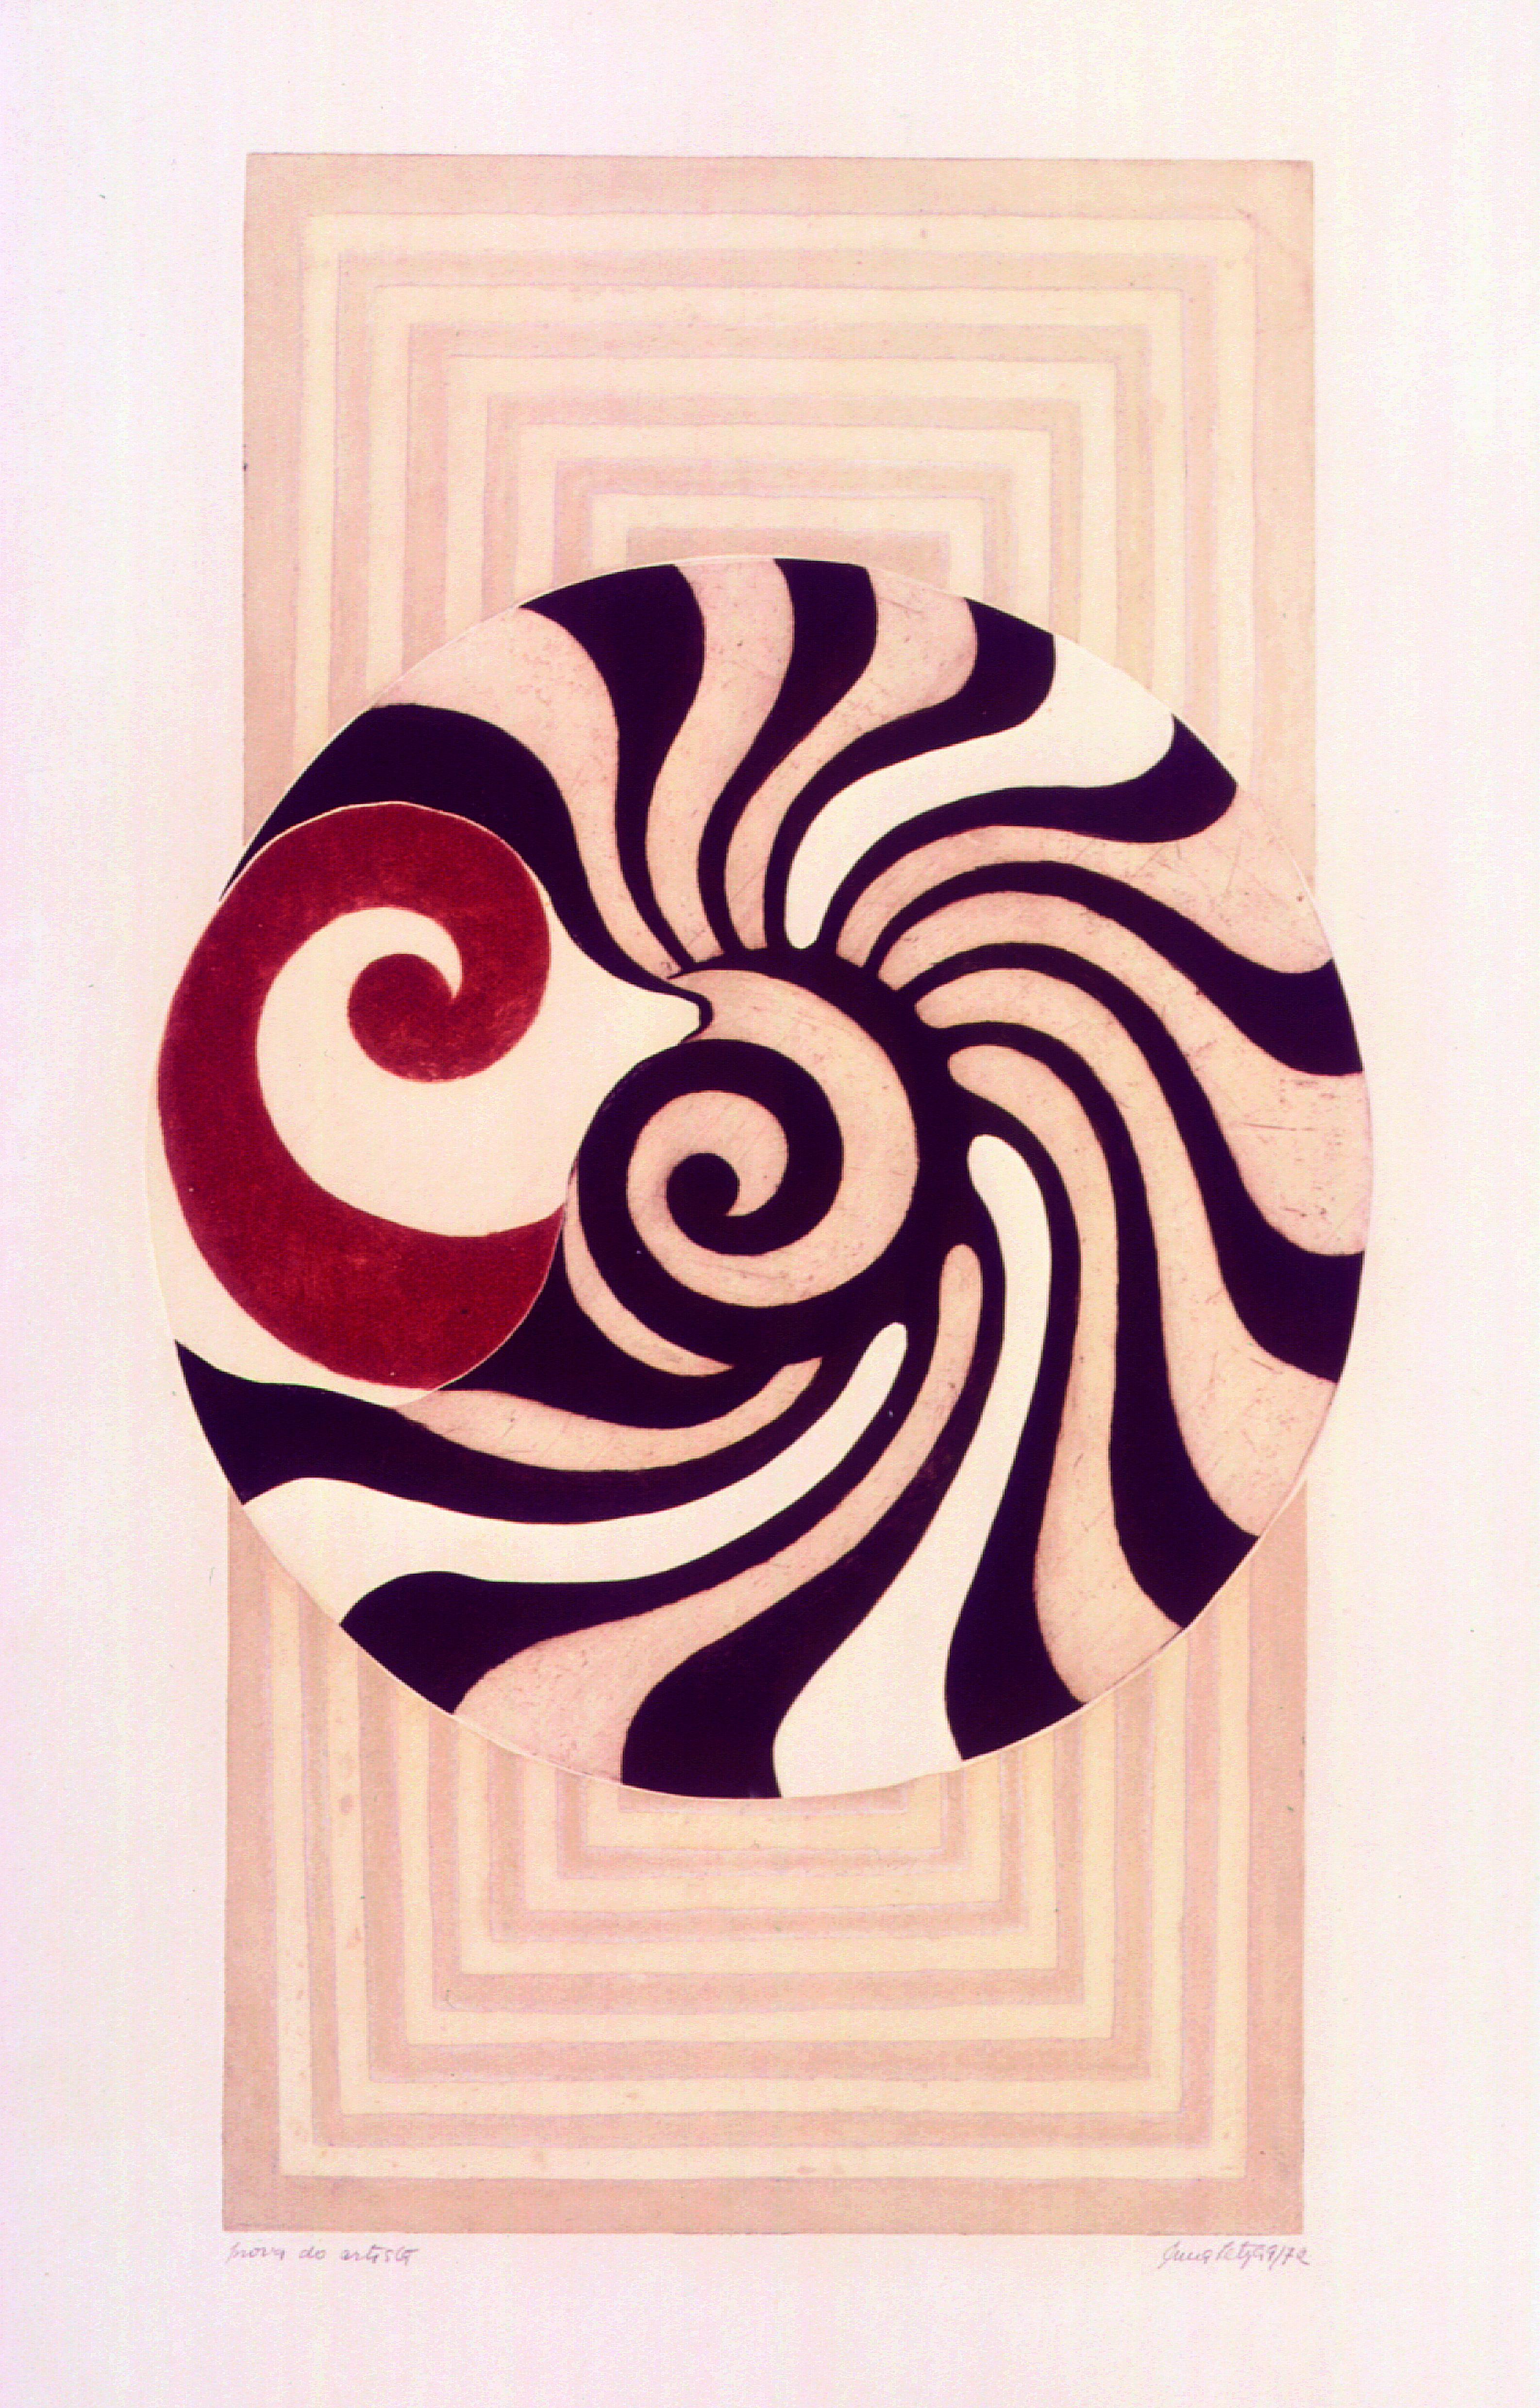 Abstrato Geométrico  Autor: Anna Letycia Quadros  Ano: 1972  Técnica: Calcografia Água-forte e Água-tinta (prova do artista)  Dimensões: 54cm x 32cm